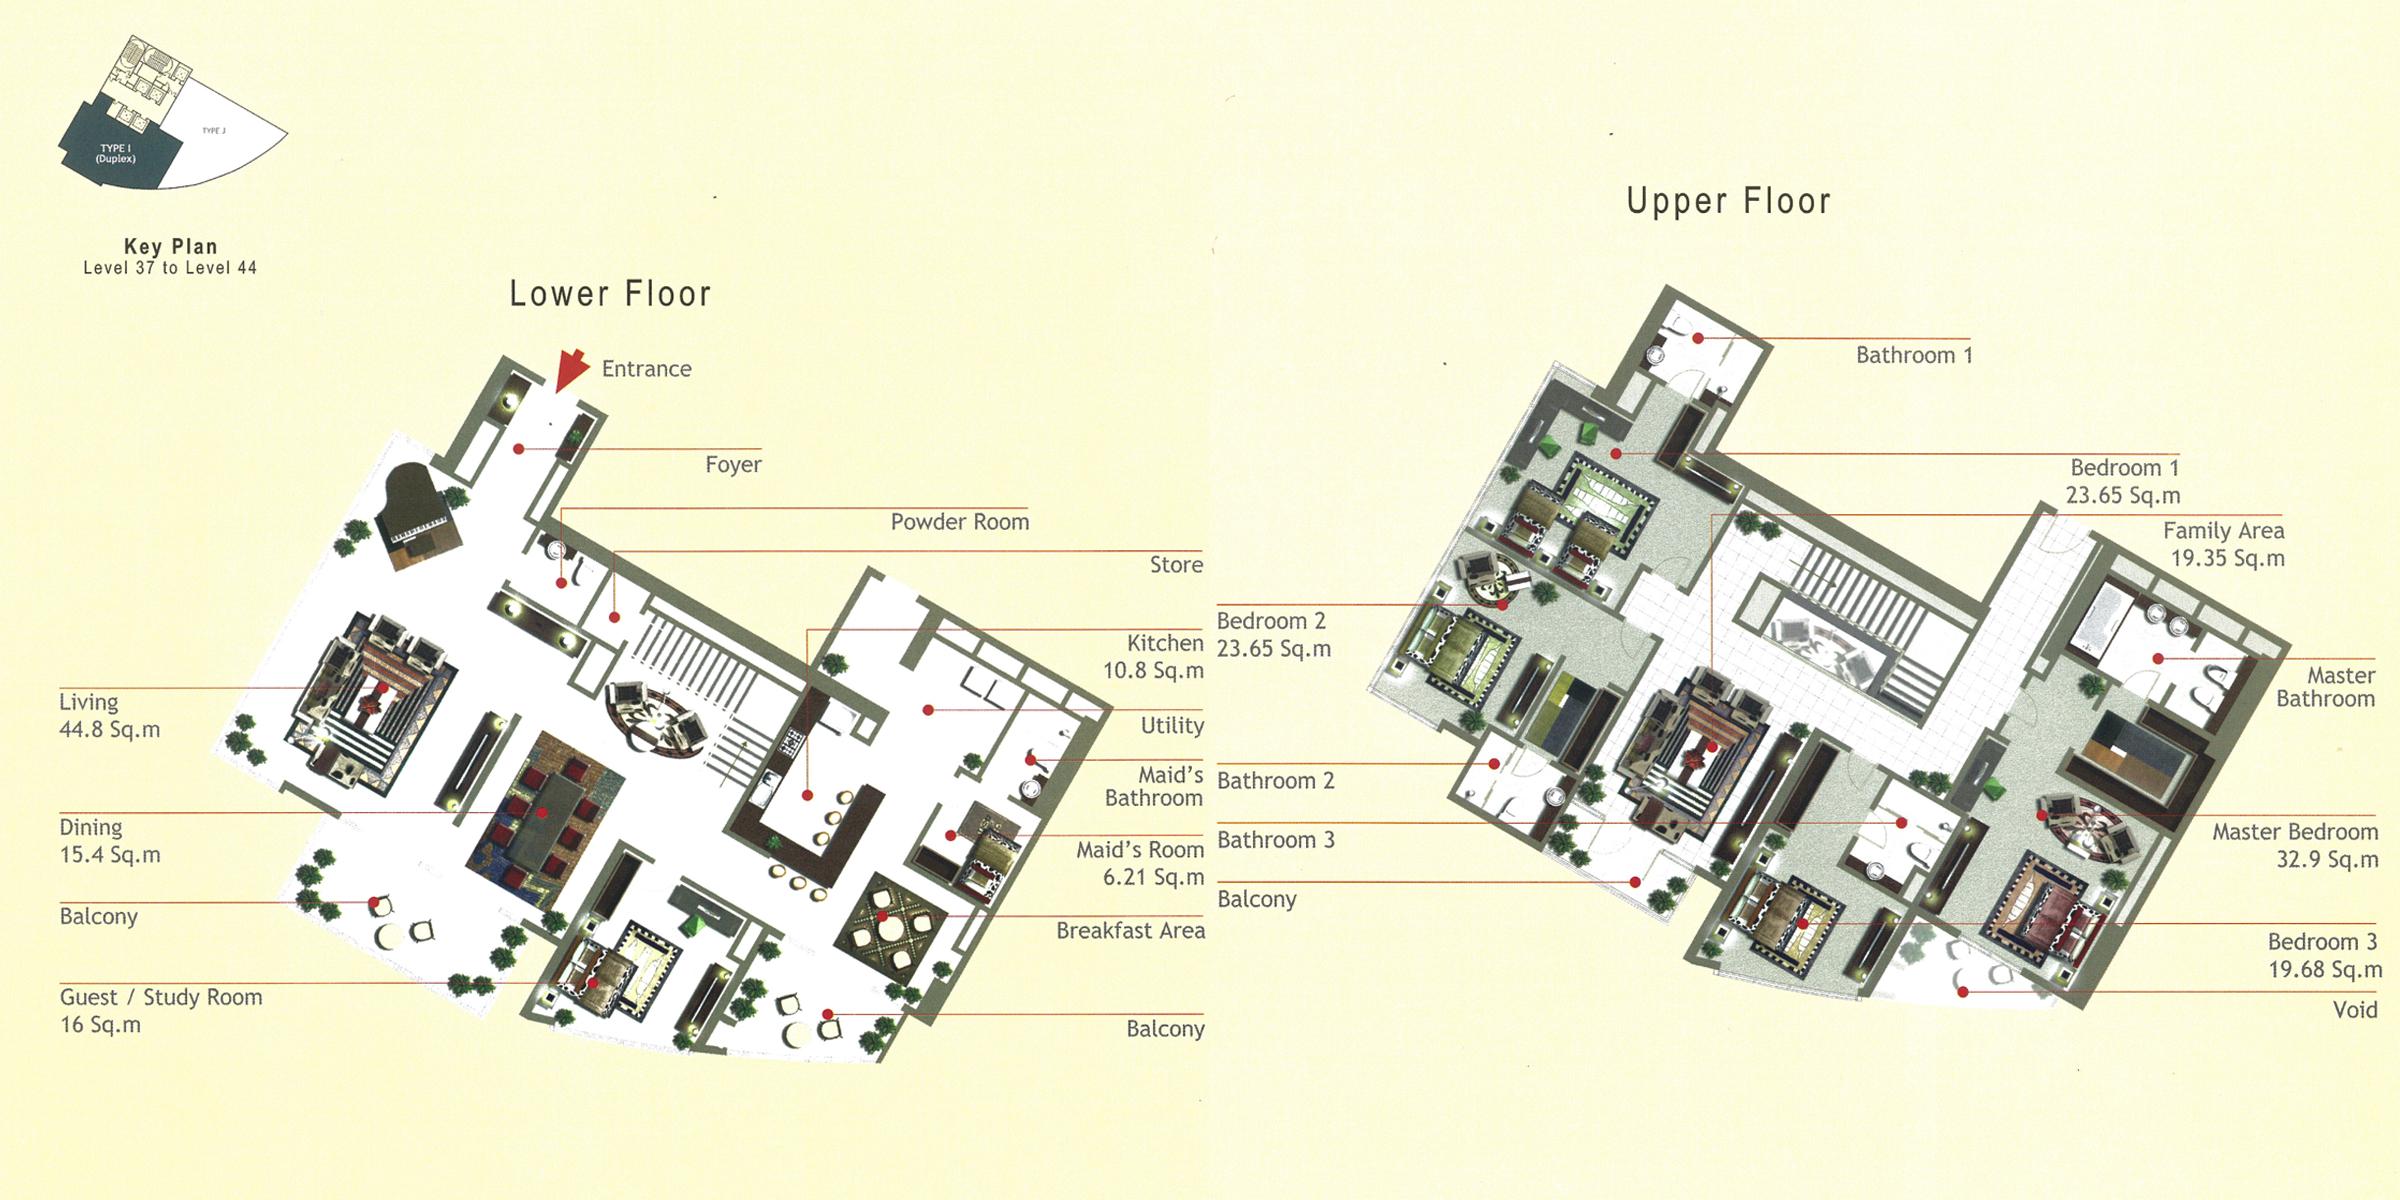 Rak Tower Floor Plan 4 Bedroom Flat Type I